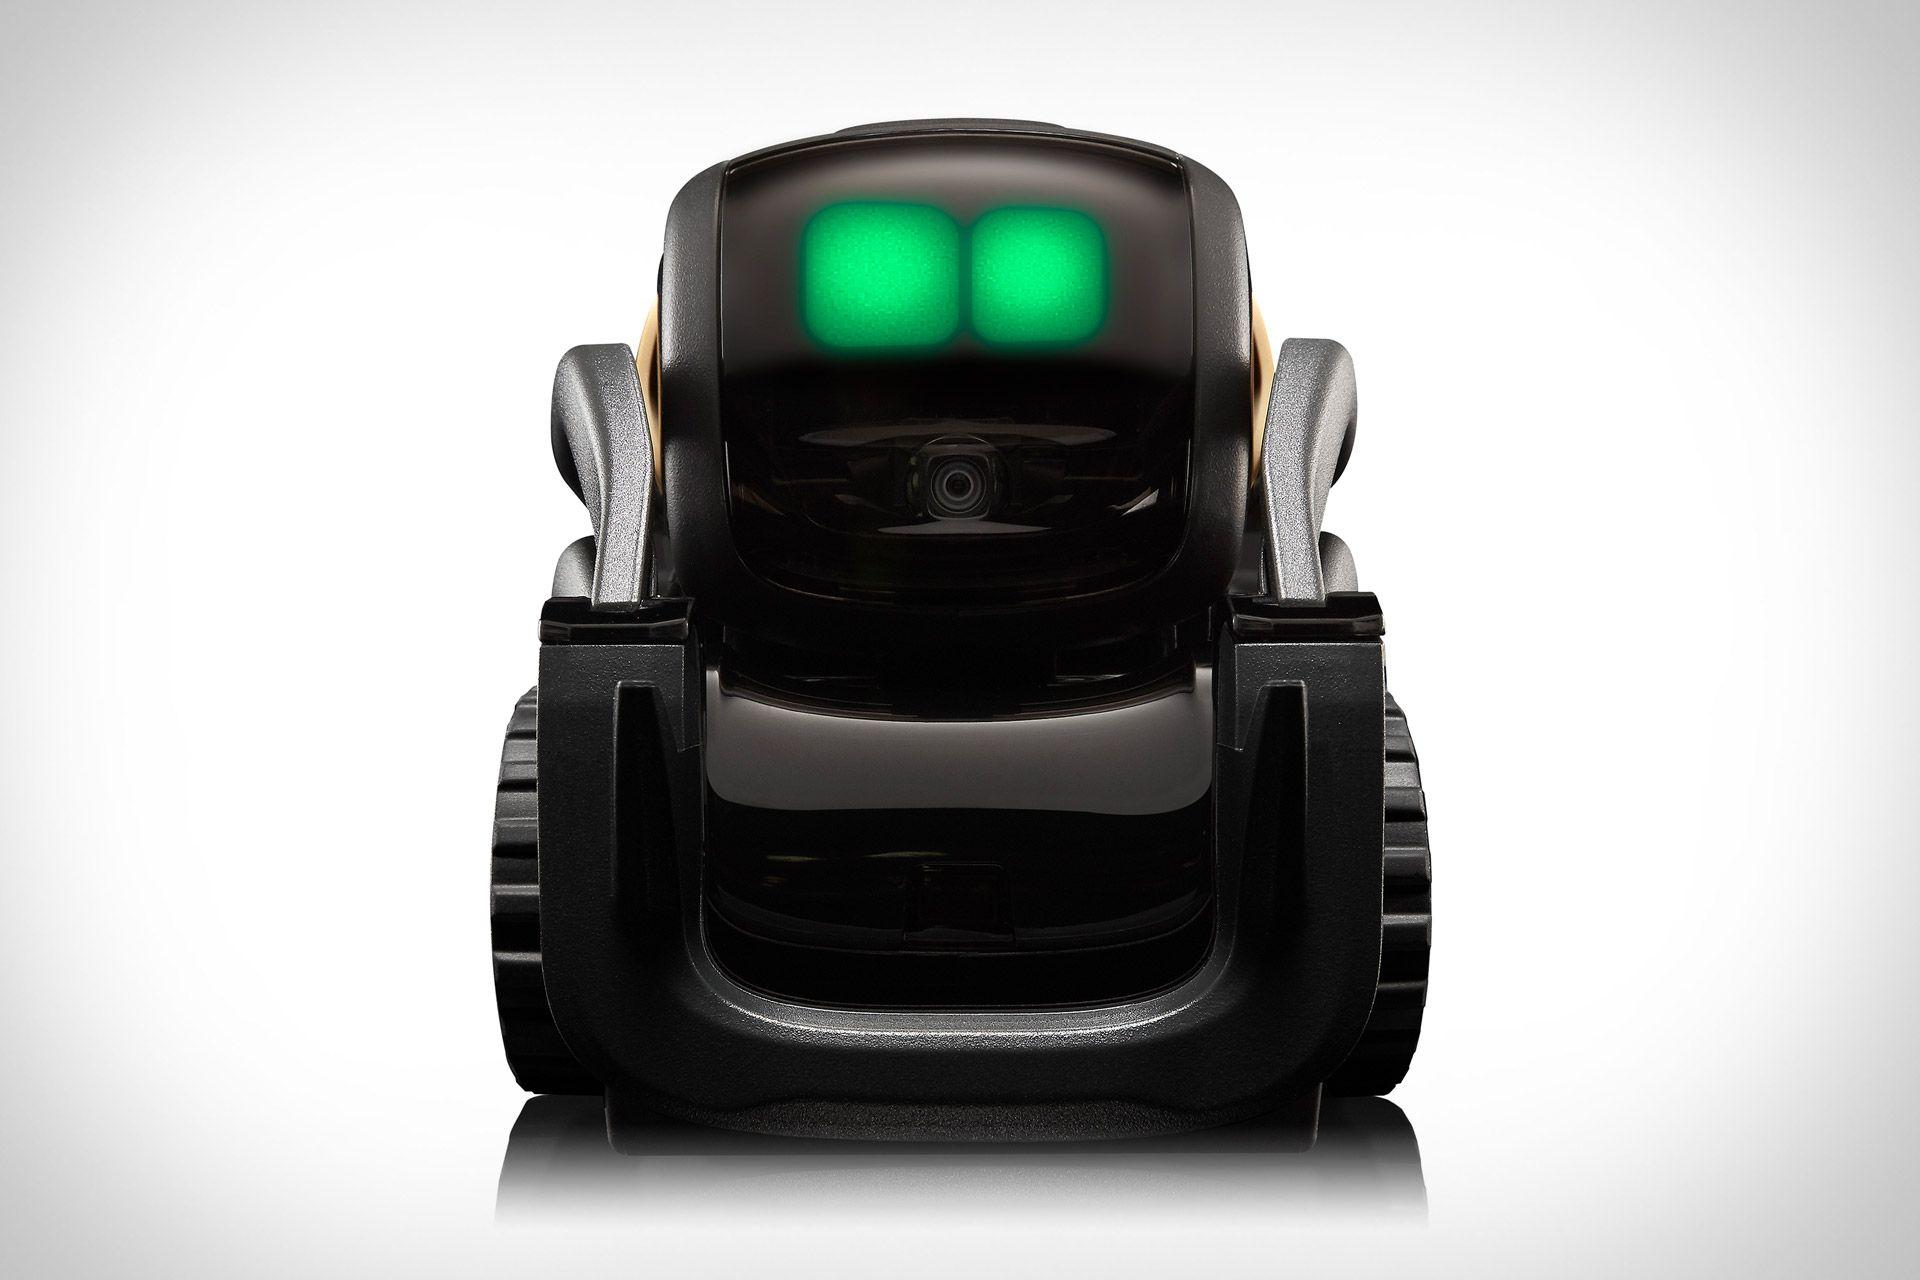 Anki Vector Robot   Tech in 2019   Vector robot, Cozmo robot